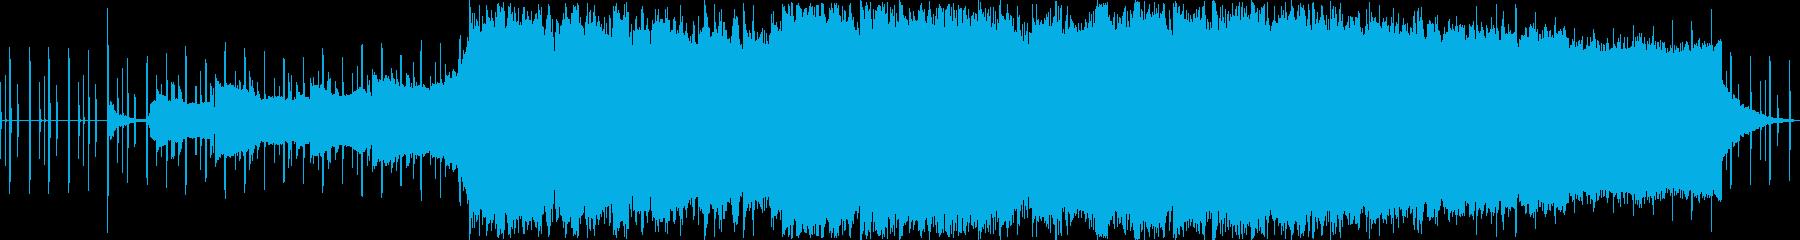 エレクトロニカ おしゃれで現代的の再生済みの波形